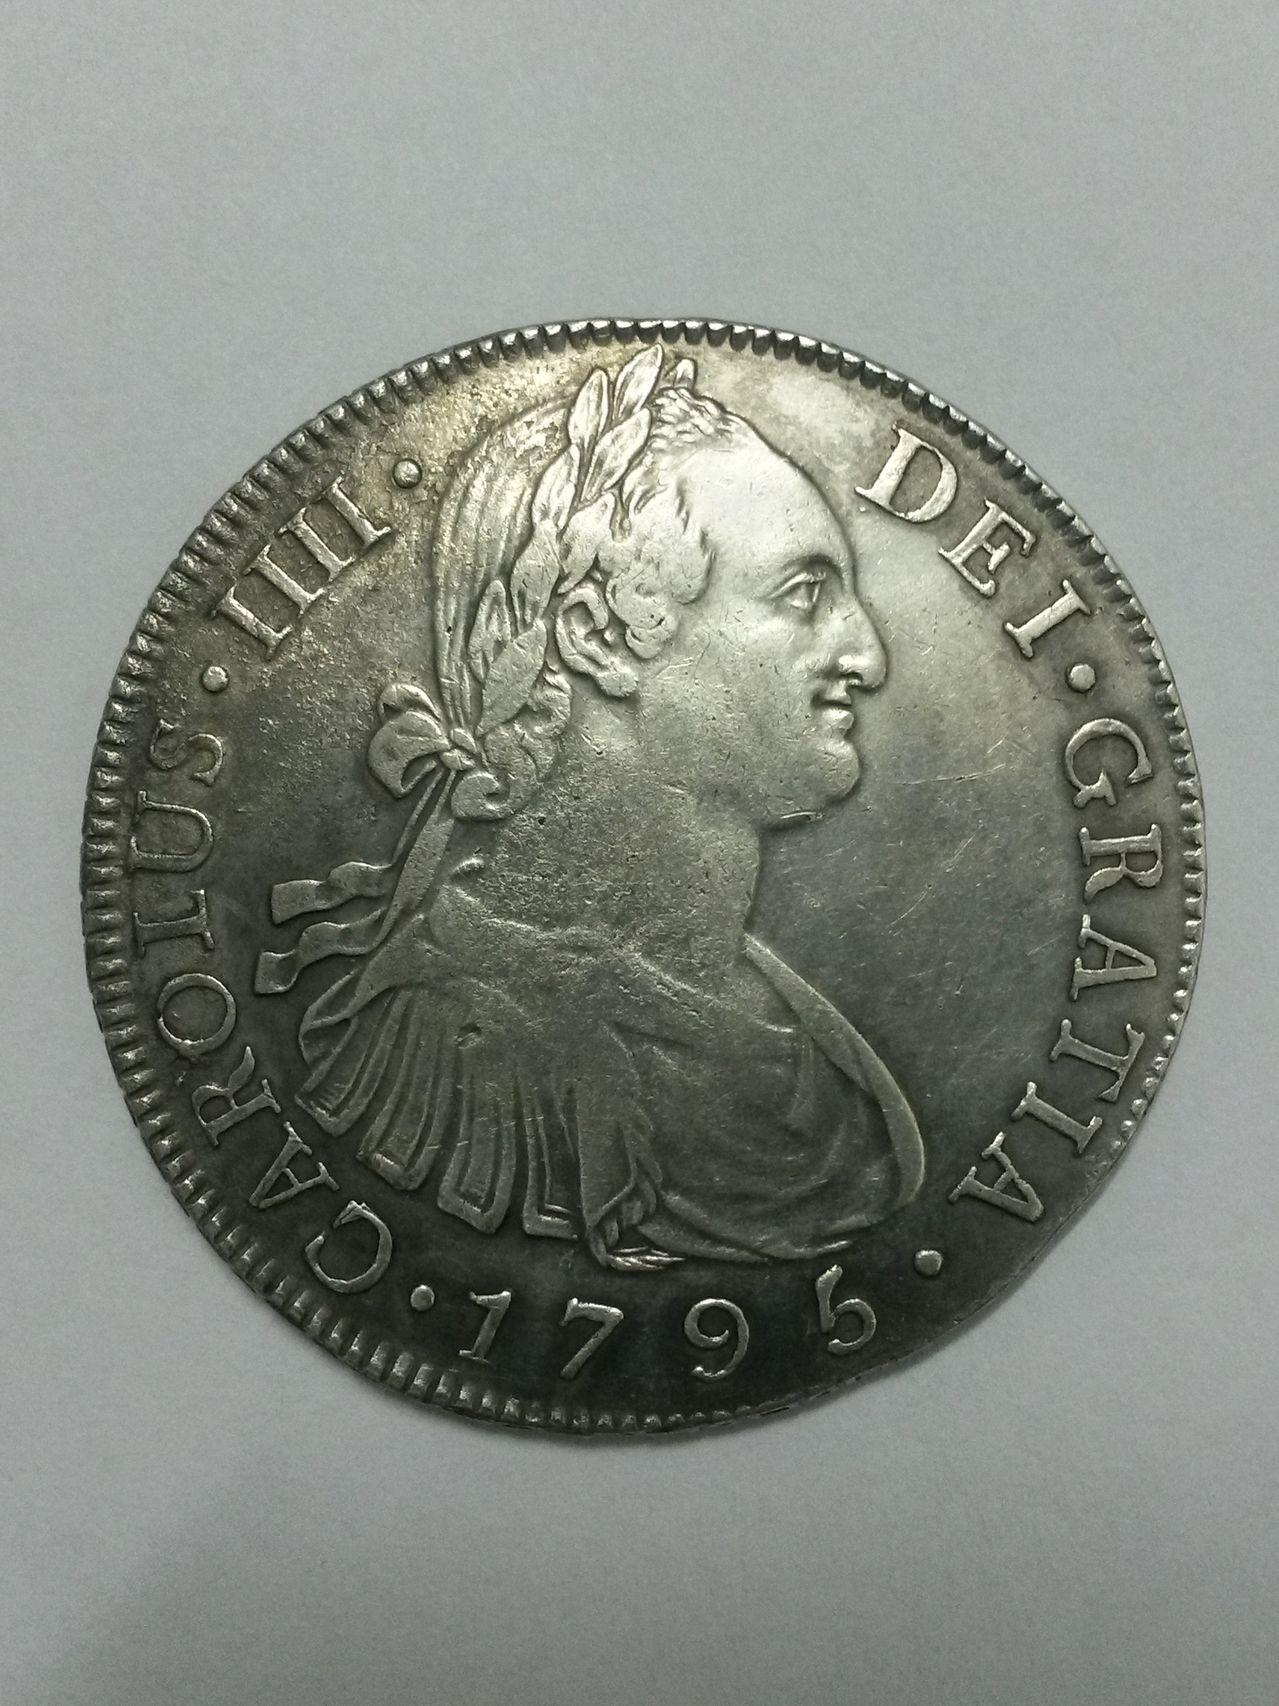 8 reales 1795/4. Carlos IV. Guatemala. Dedicada al Marqués de la Ensenada 20151020_232521_Richtone_HDR